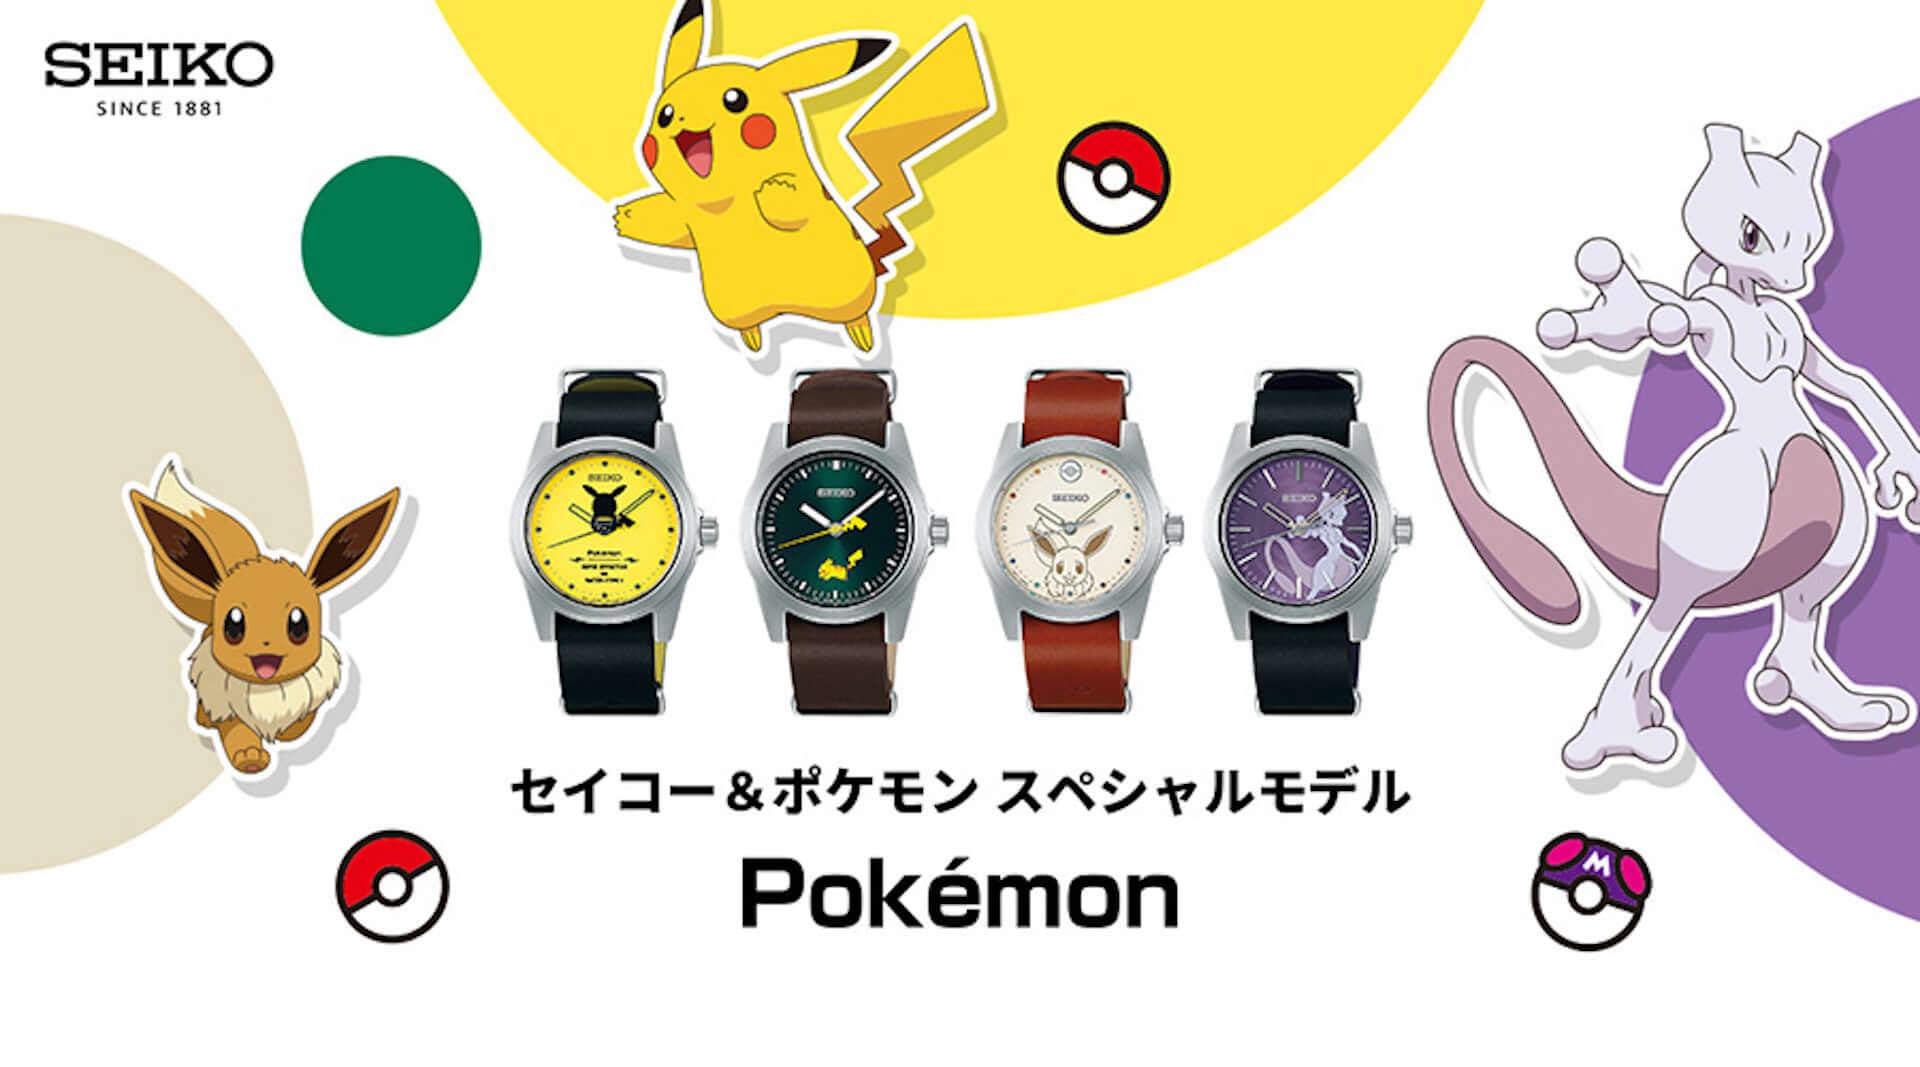 人気のポケモンがデザインされた「セイコーセレクション」特別モデルが登場!ピカチュウ、イーブイ、ミュウツーがモチーフの全4種展開 tech201120_pokemon-seiko_5-1920x1067